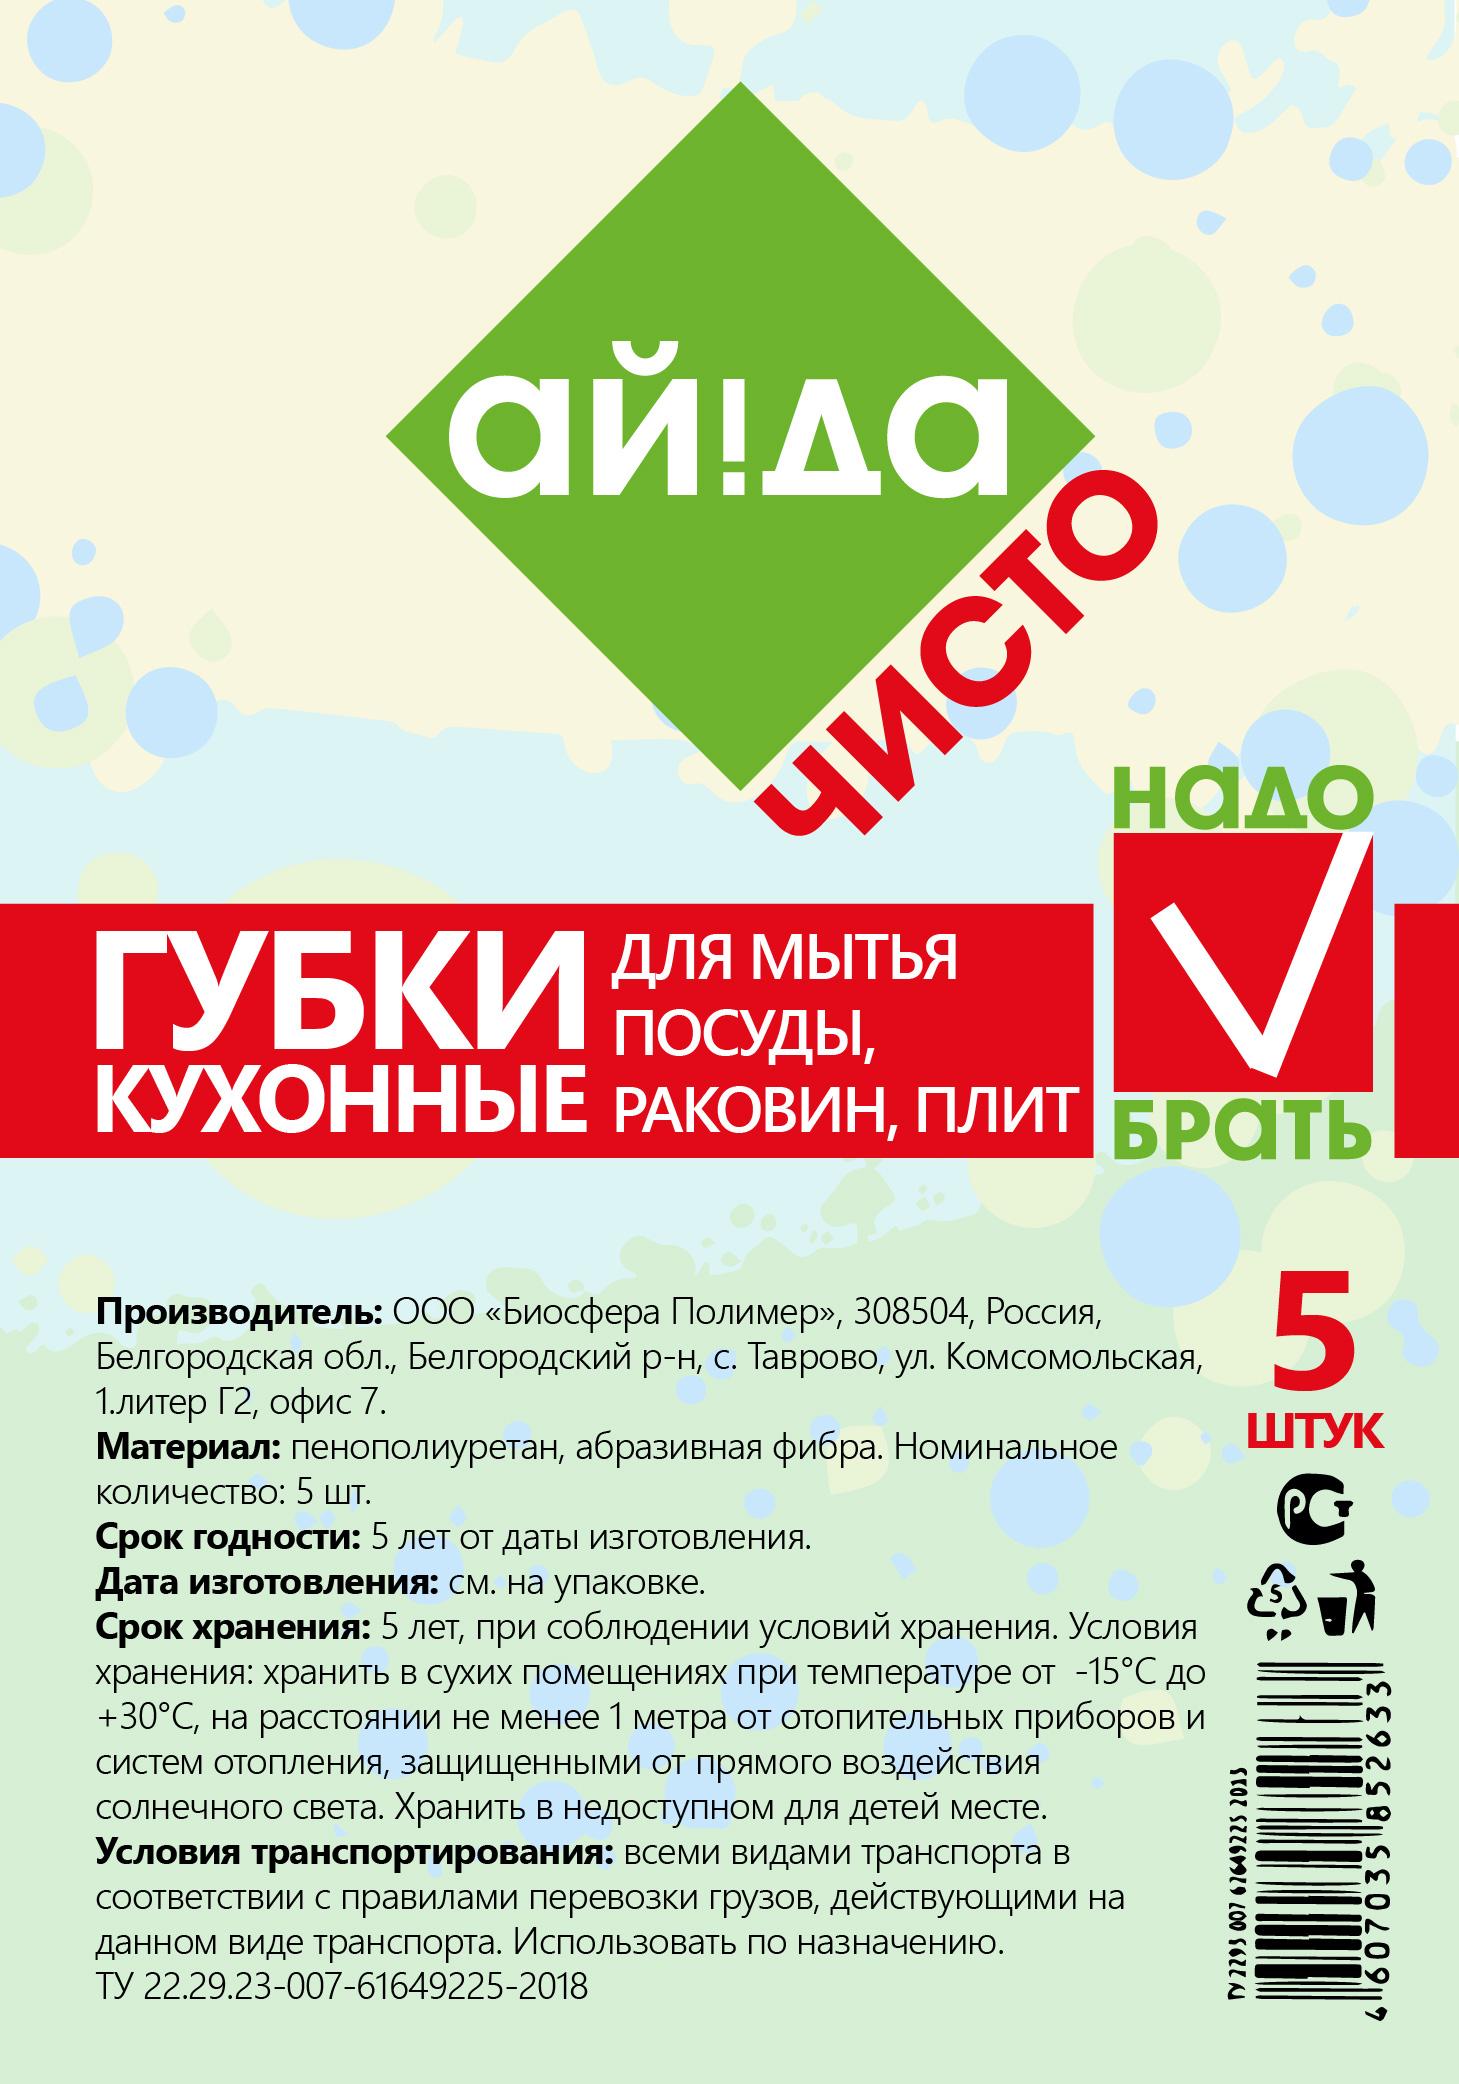 Дизайн логотипа и упаковки СТМ фото f_4245c606f64bf533.jpg